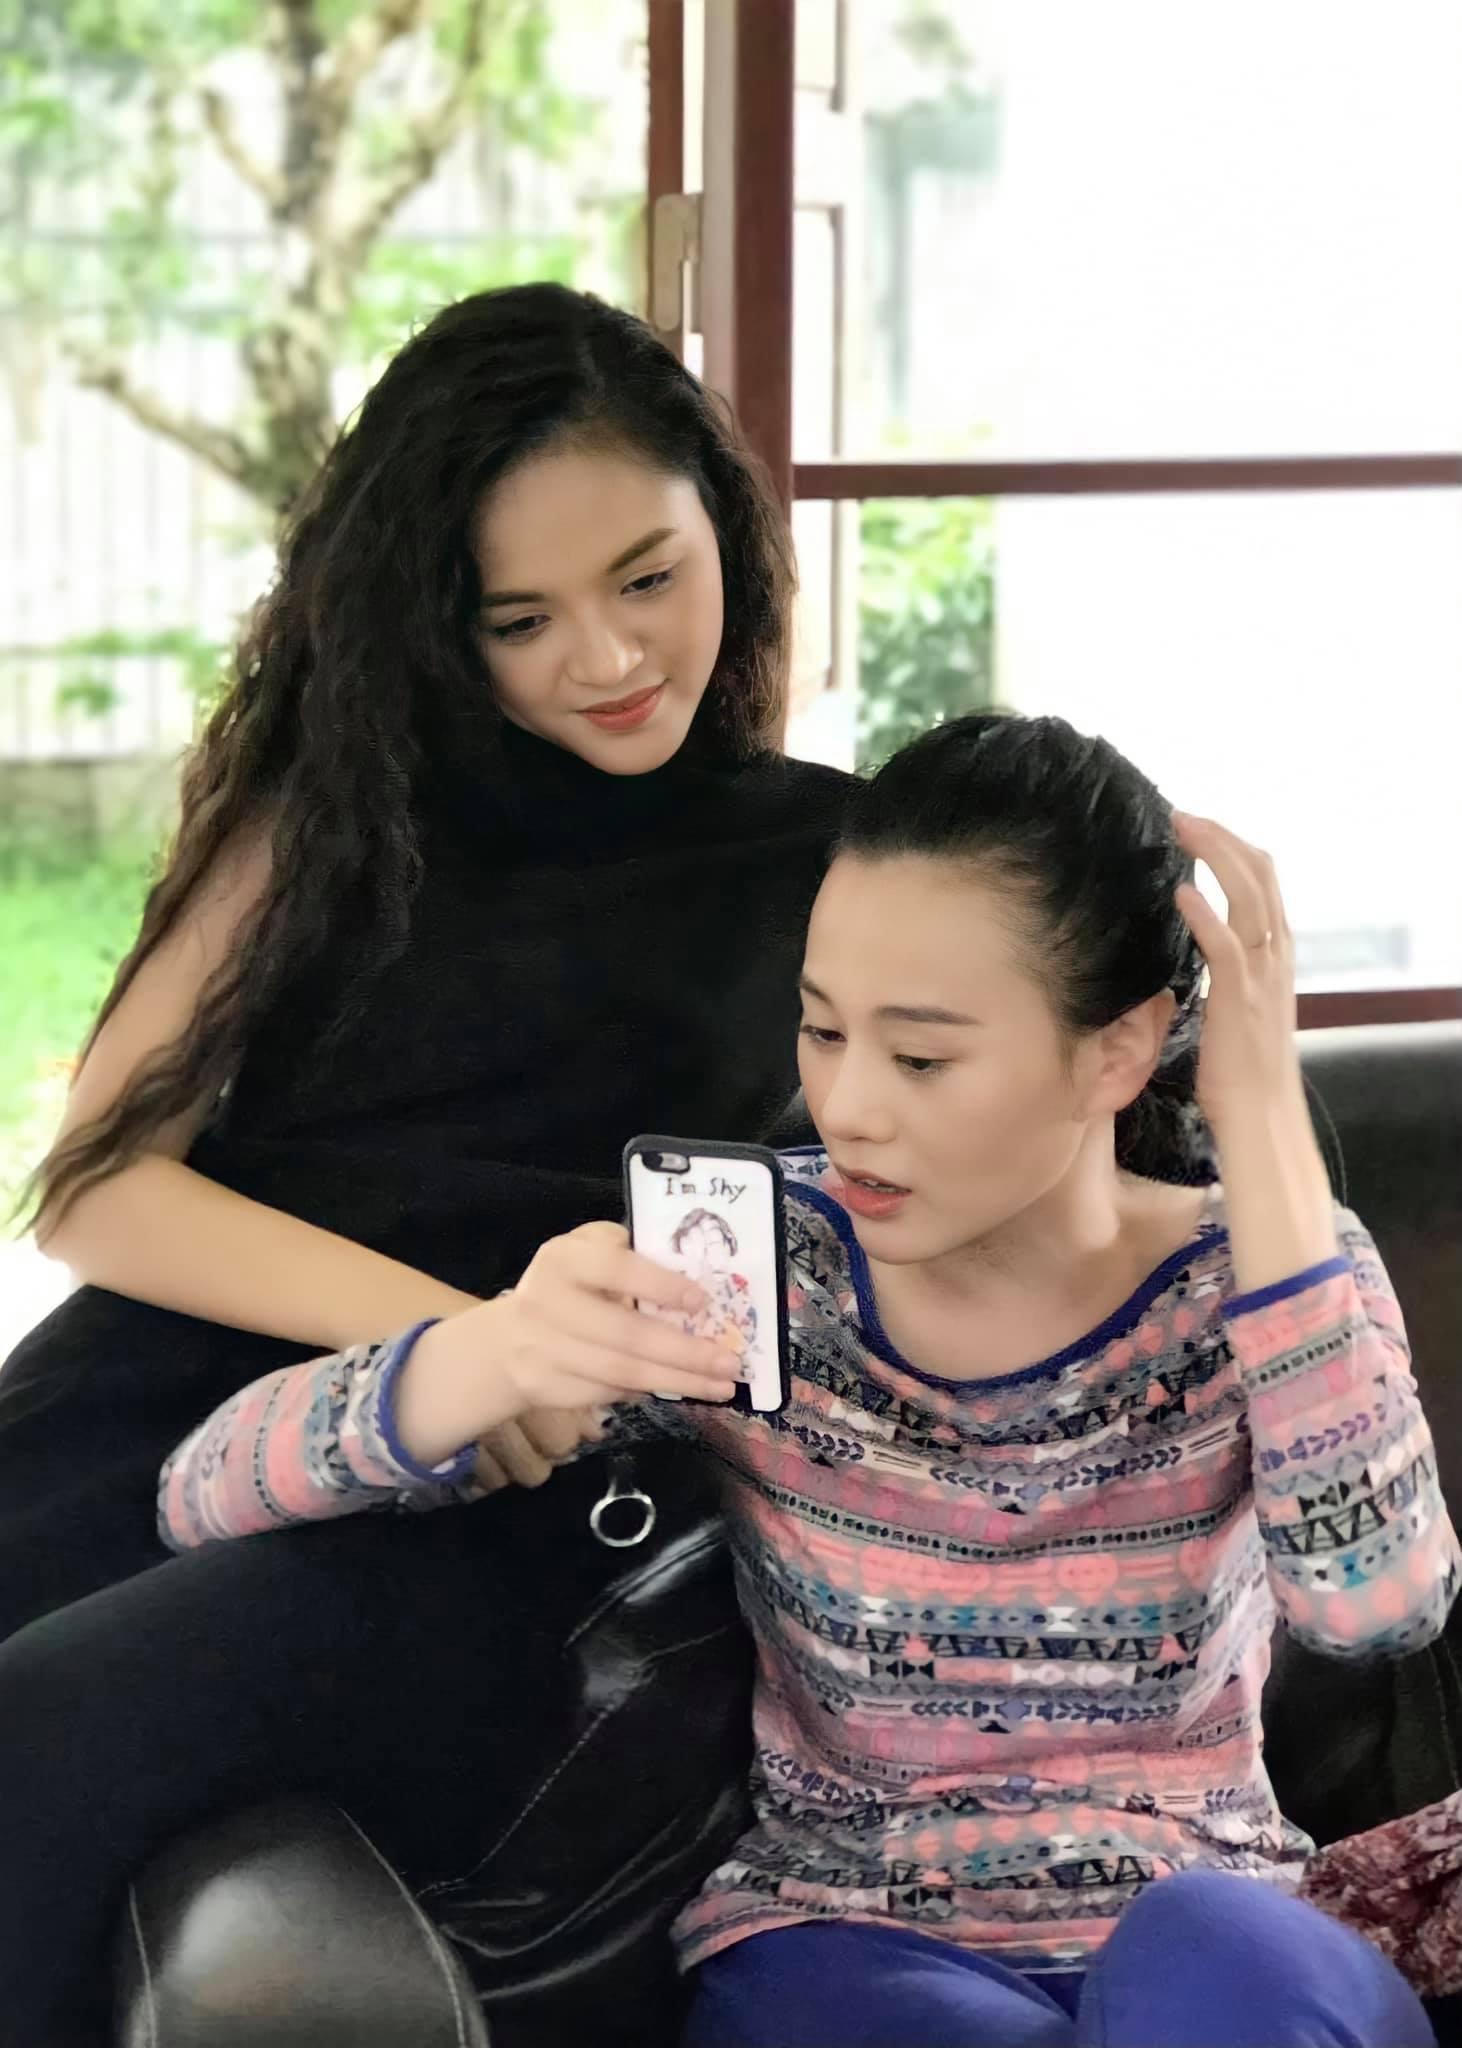 Hương vị tình thân: Khổ như Thu Quỳnh, chúc mừng sinh nhật Phương Oanh mà cũng bị nói cố tình dìm đồng nghiệp - Ảnh 1.